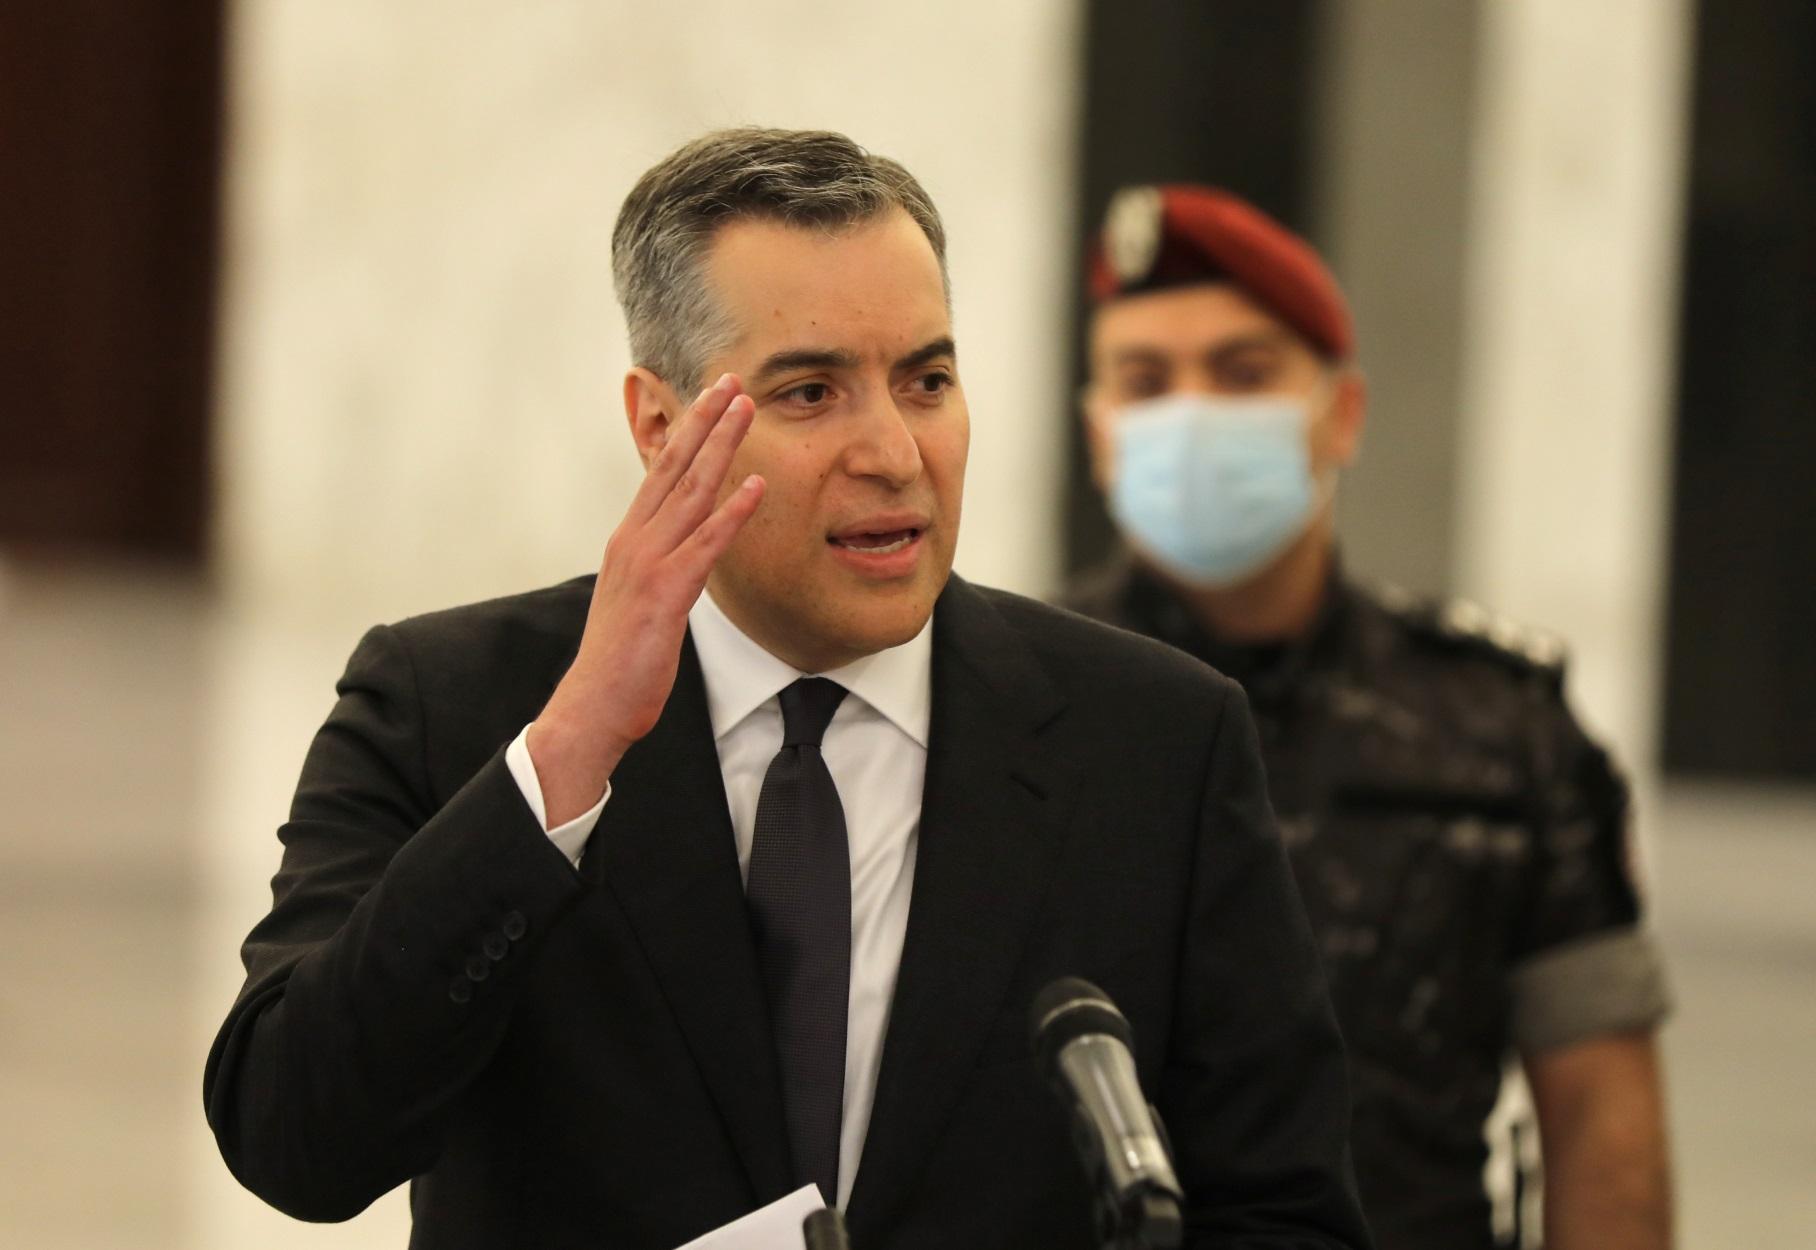 Λίβανος: Νέος πρωθυπουργός ο διπλωμάτης Μουστάφα Αντίμπ